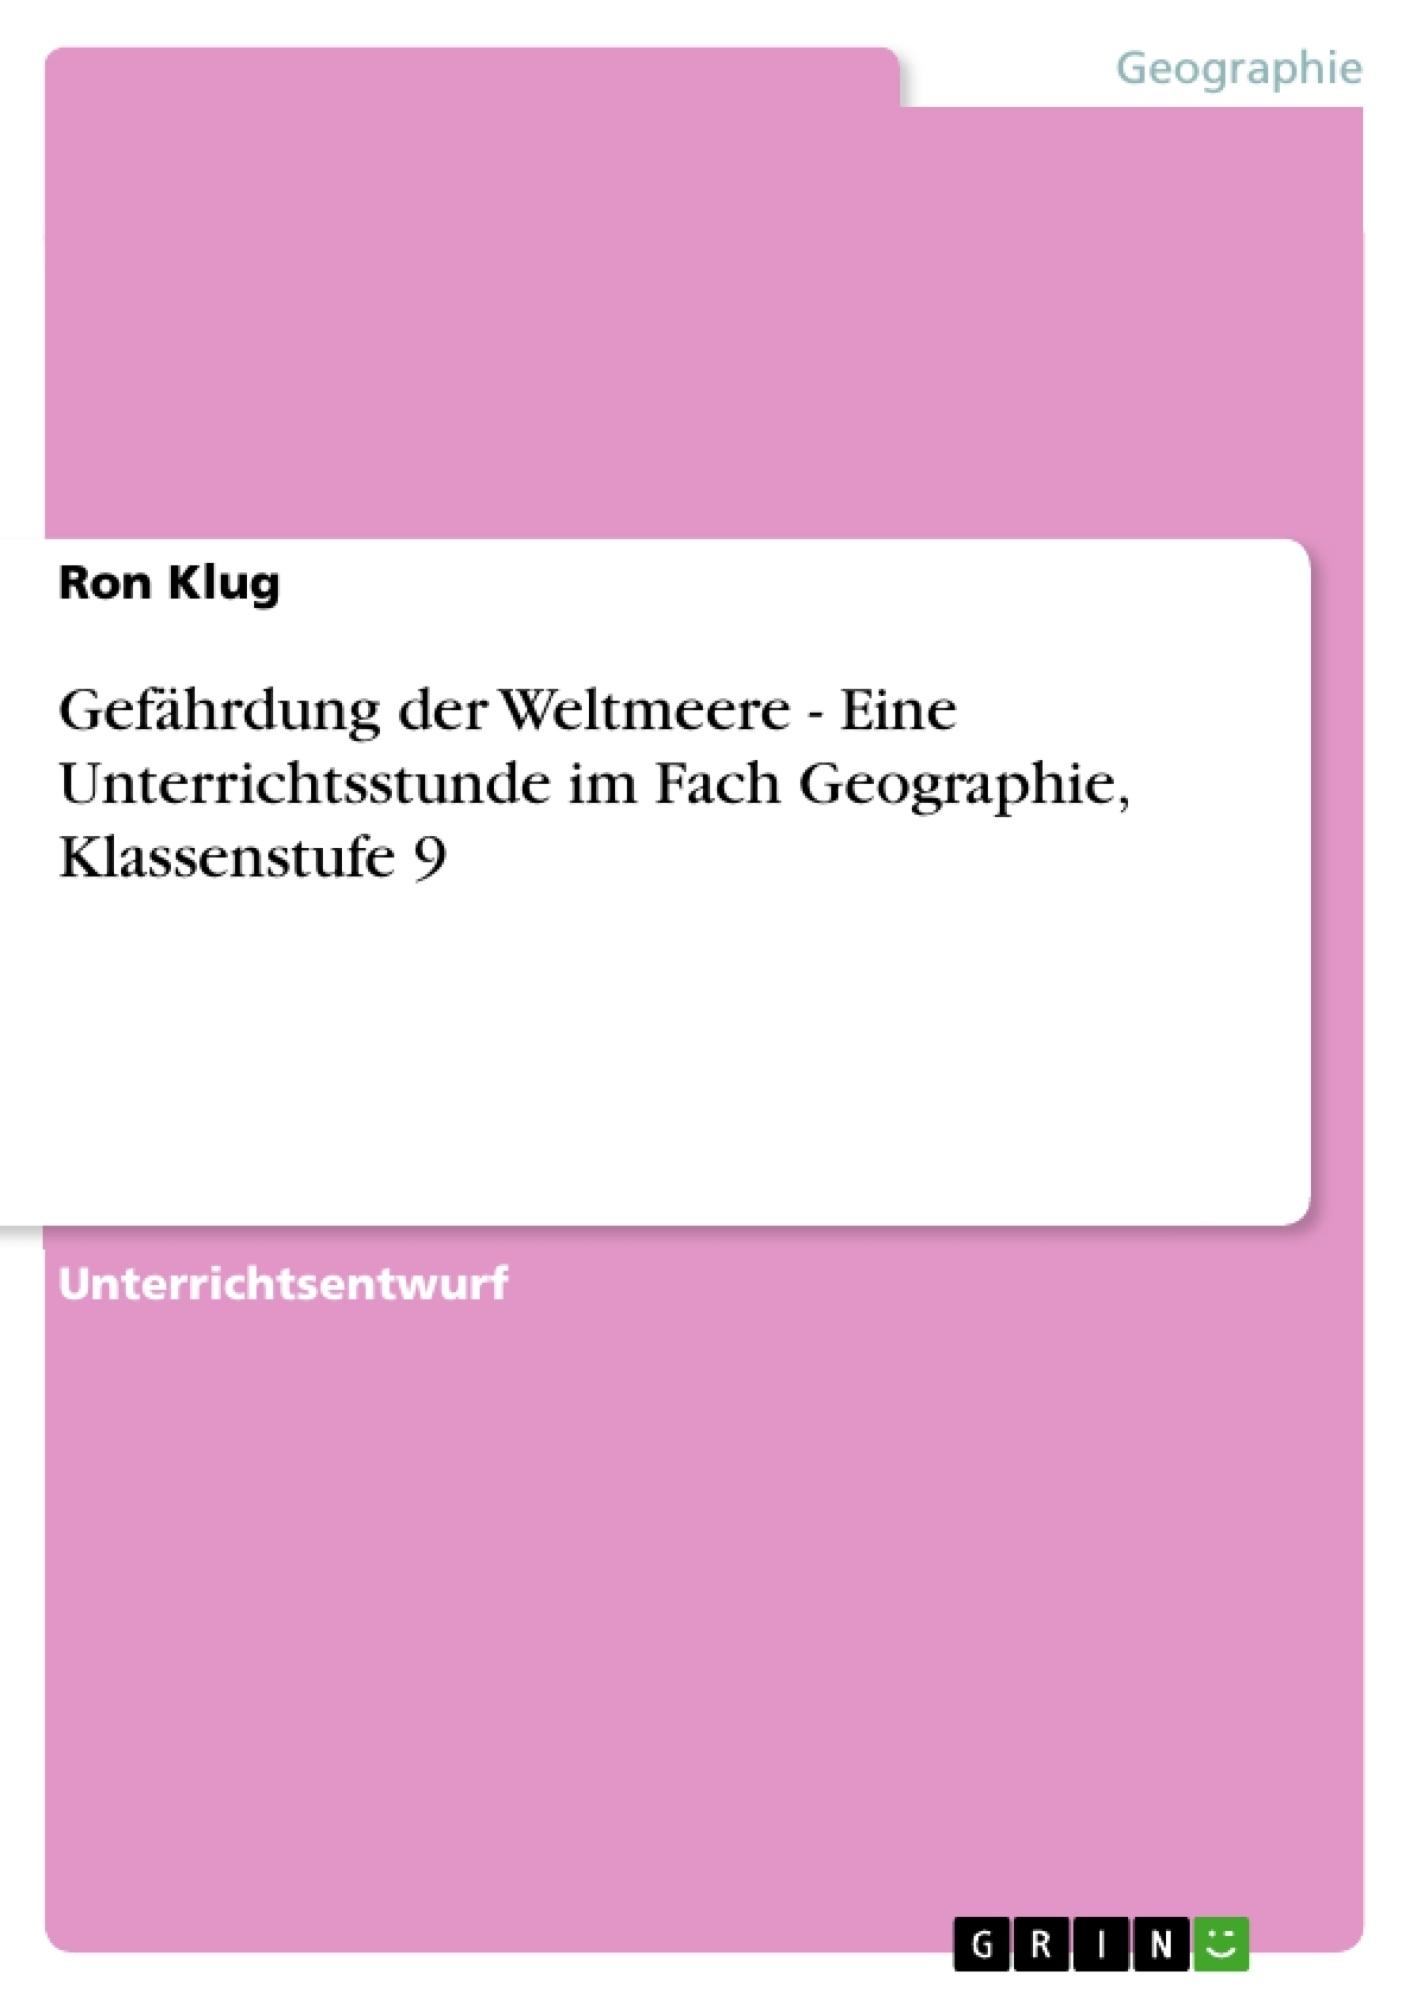 Titel: Gefährdung der Weltmeere - Eine Unterrichtsstunde im Fach Geographie, Klassenstufe 9